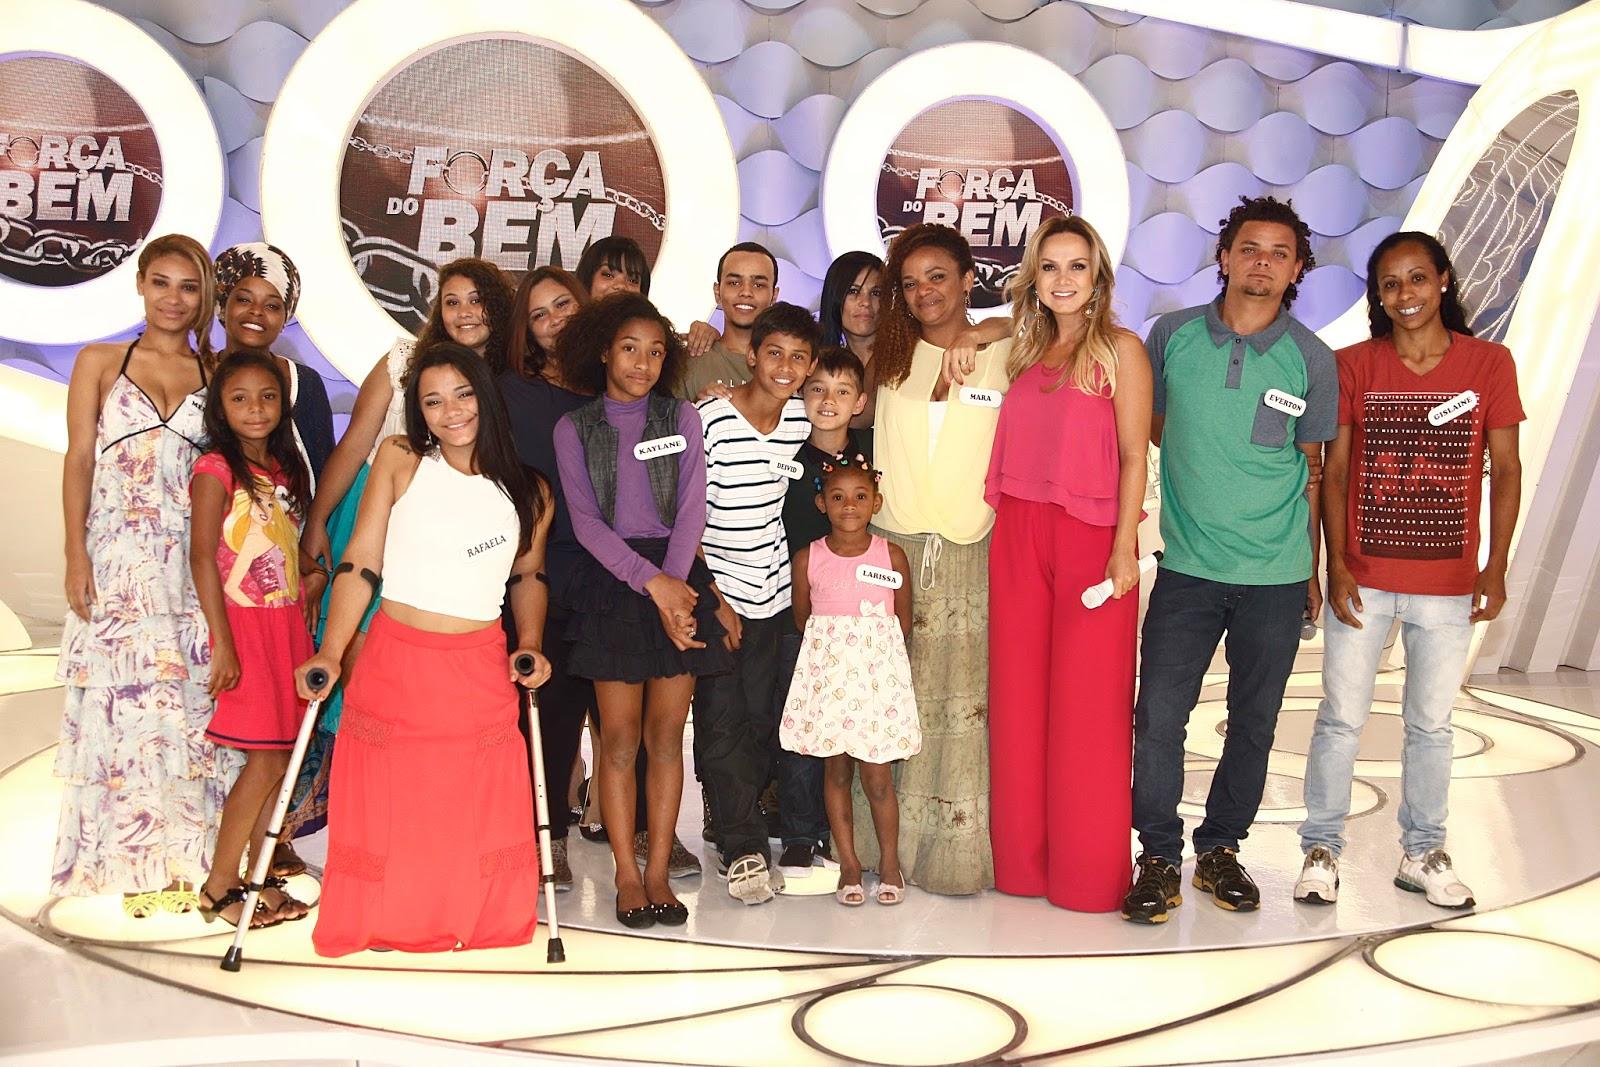 Mara abraçada com Eliana e seus filhos adotivos  Crédito: Artur Igrecias/SBT